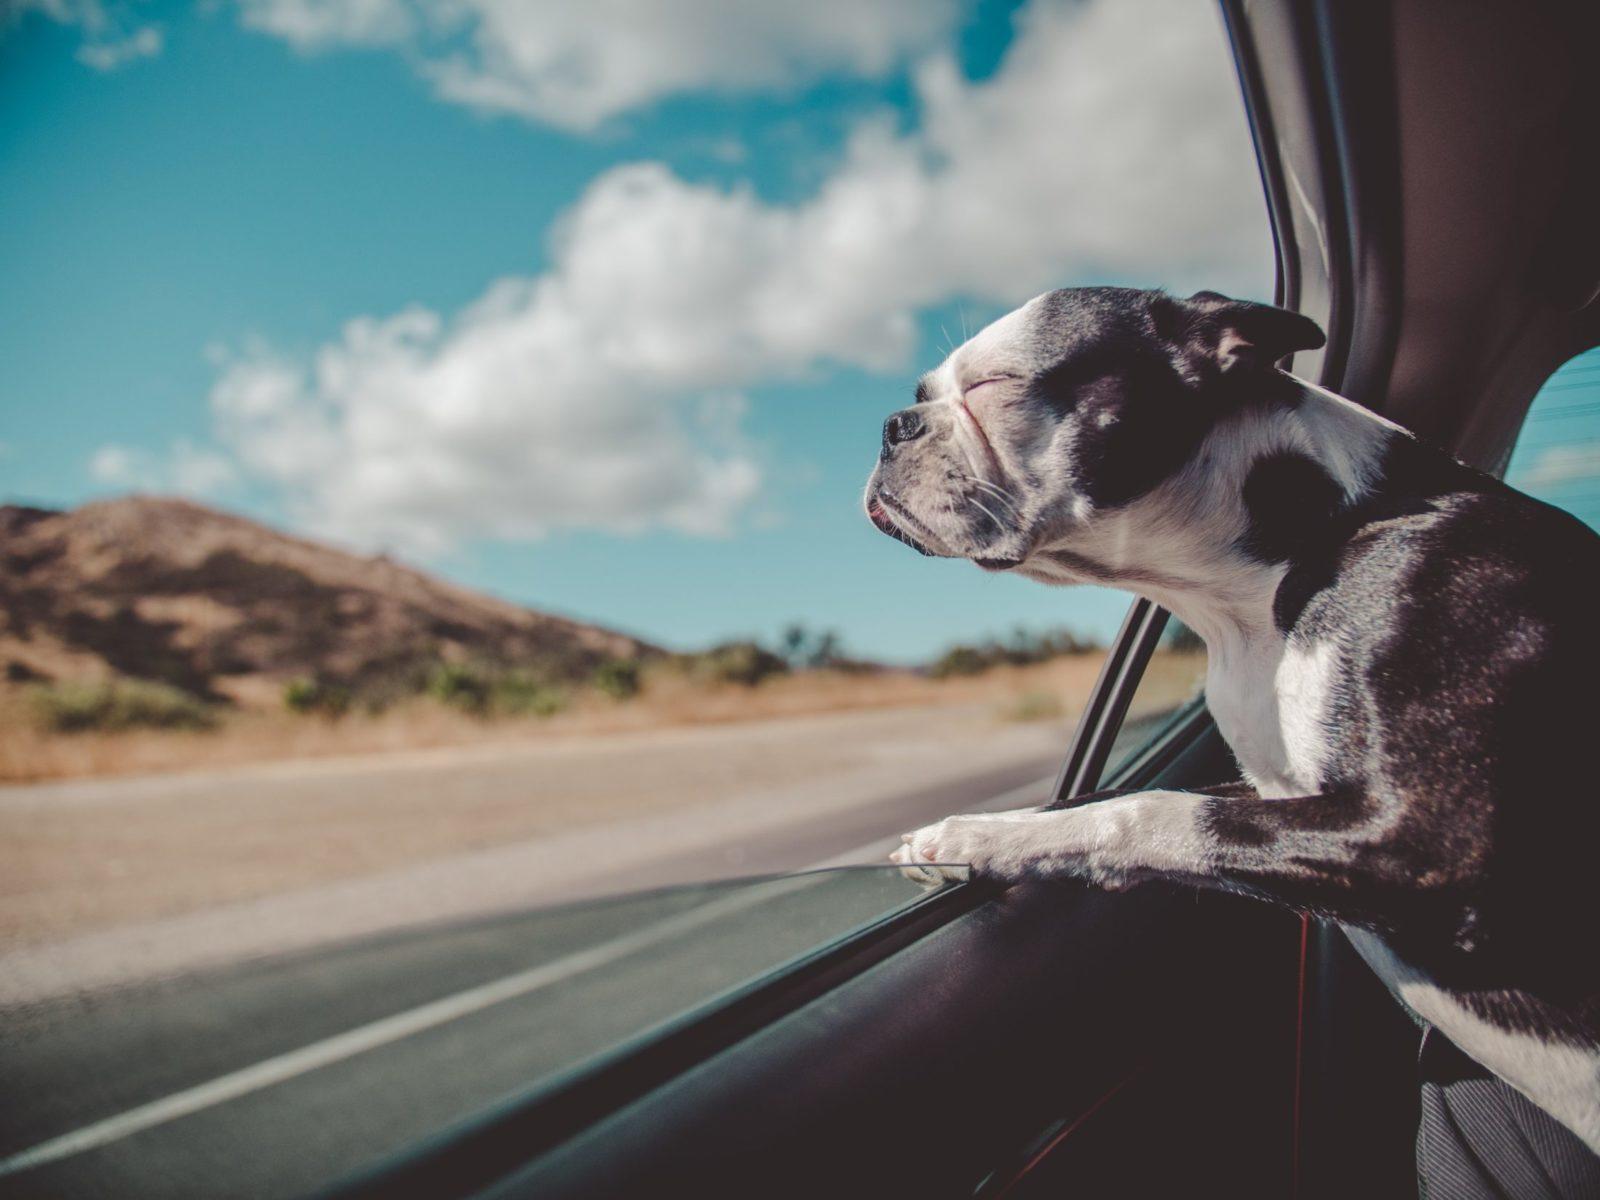 cachorro no banco de trás preso ao cinto de segurança olhando pela janela do carro